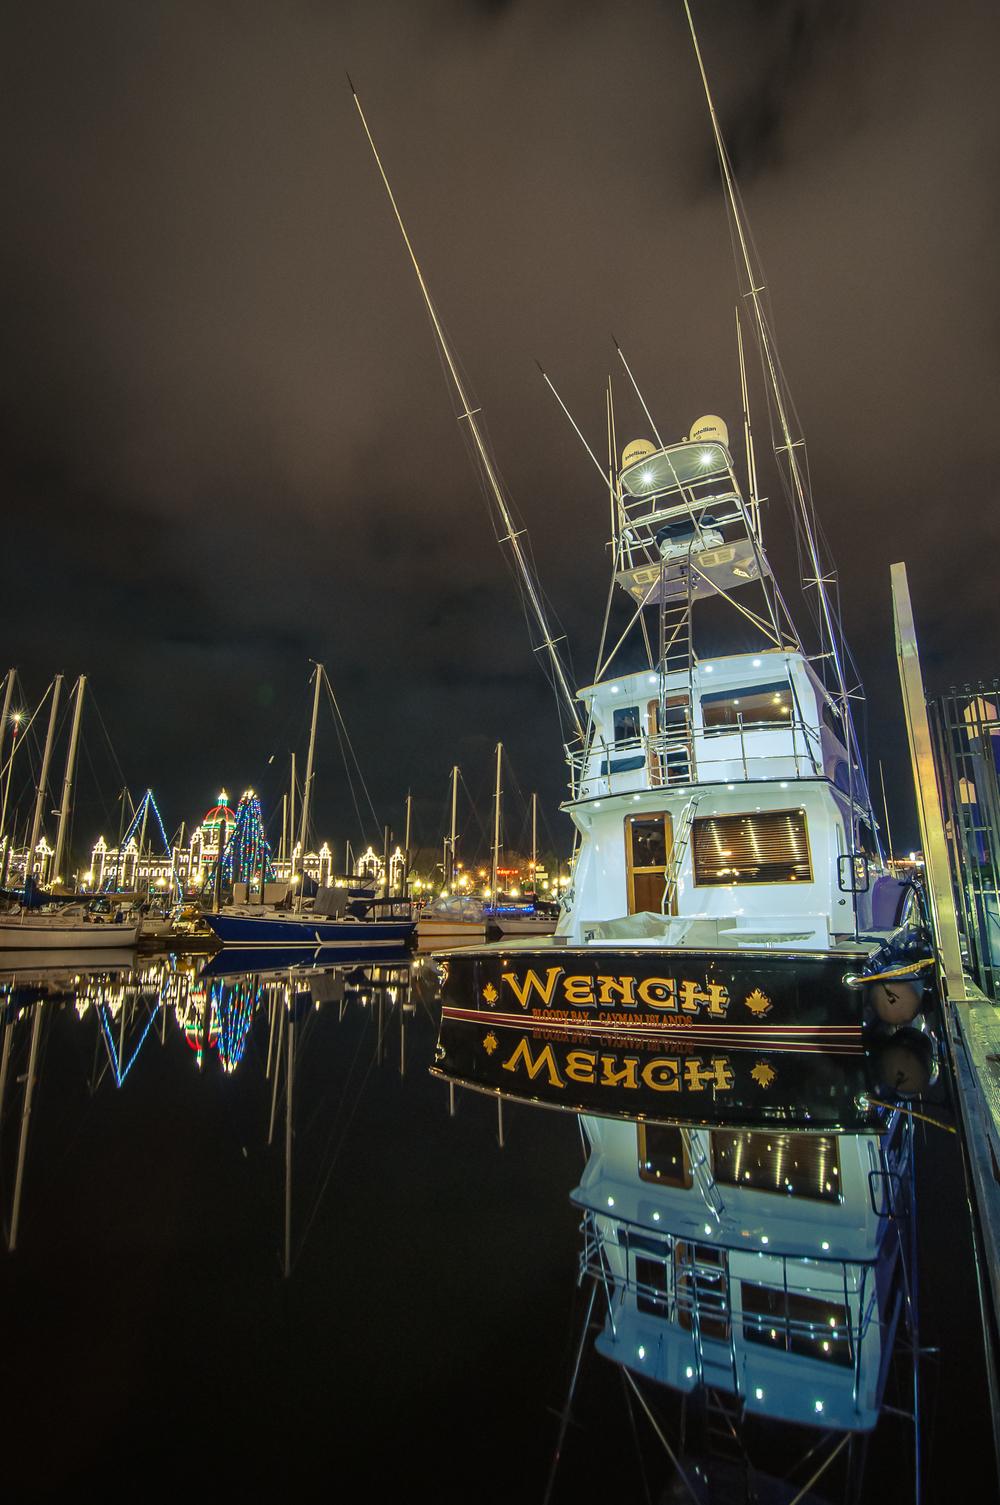 Victoria British Columbia, 2012